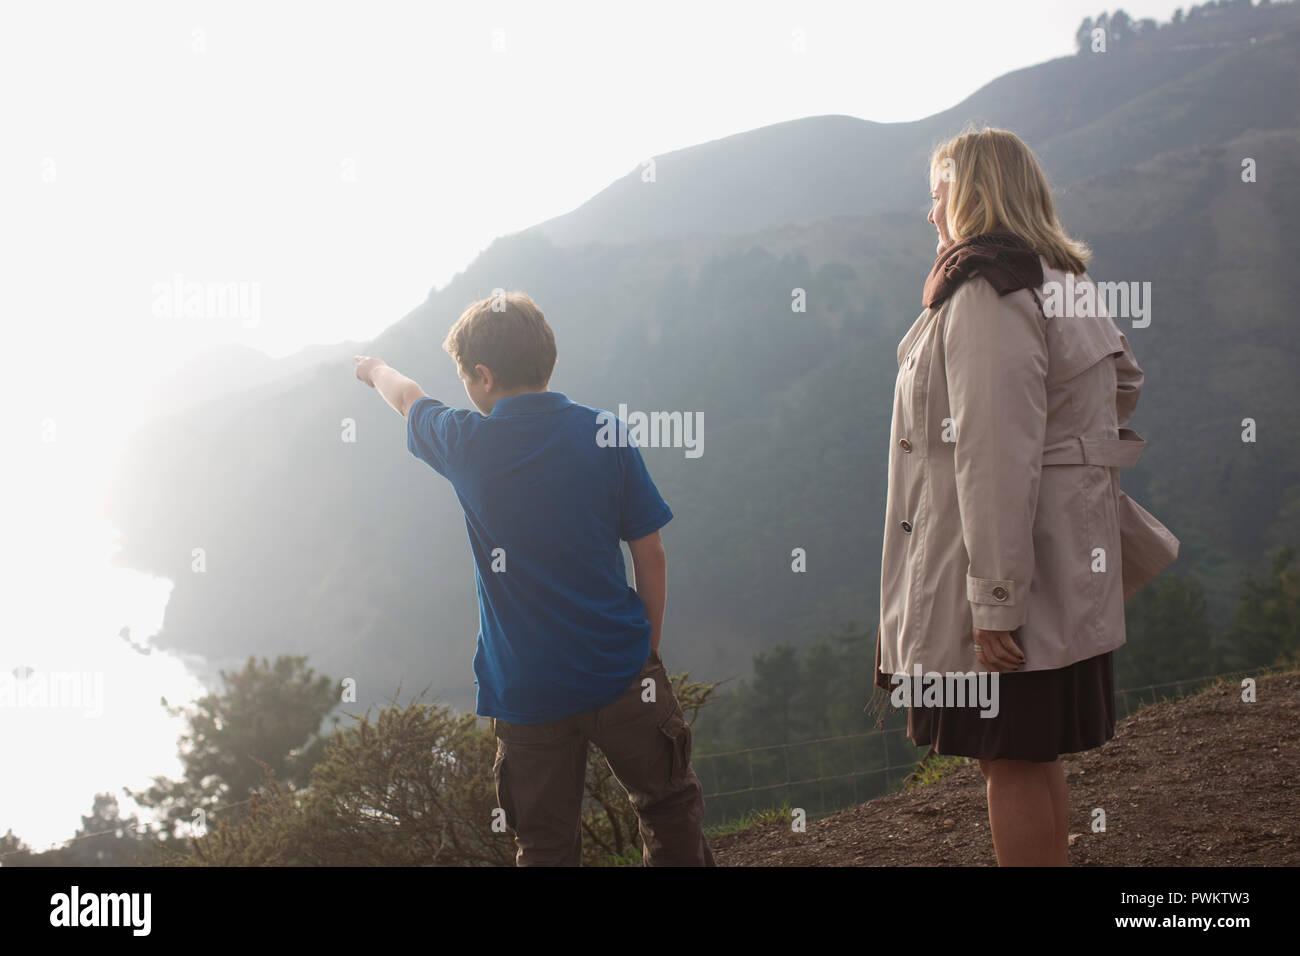 Chico apuntando a algo fuera de la costa mientras está de pie con su madre, al borde de un acantilado. Imagen De Stock